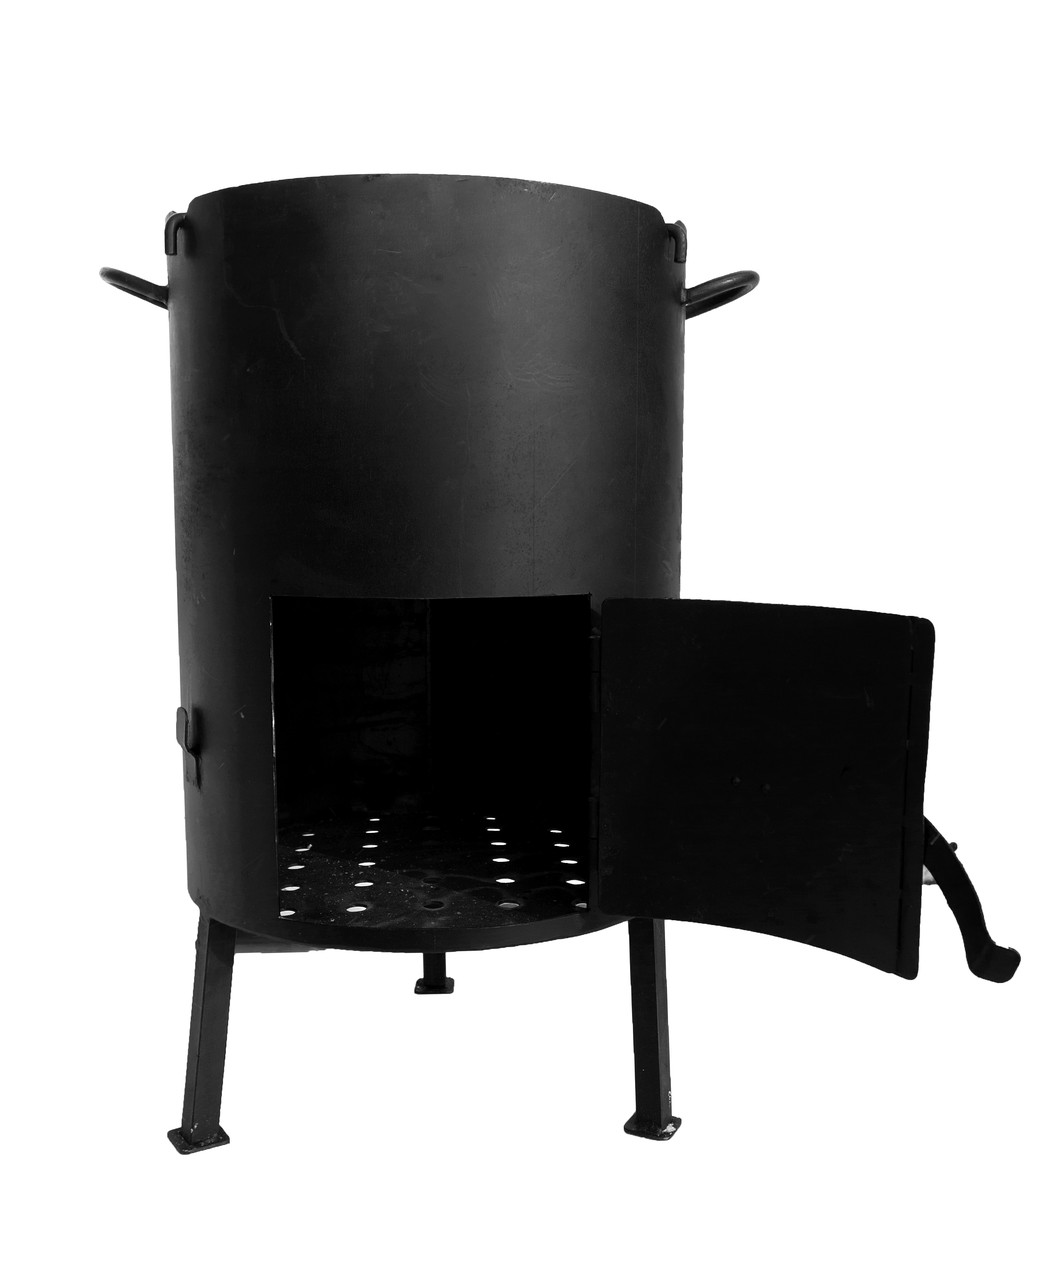 Печка под казан d 380мм сталь 2мм